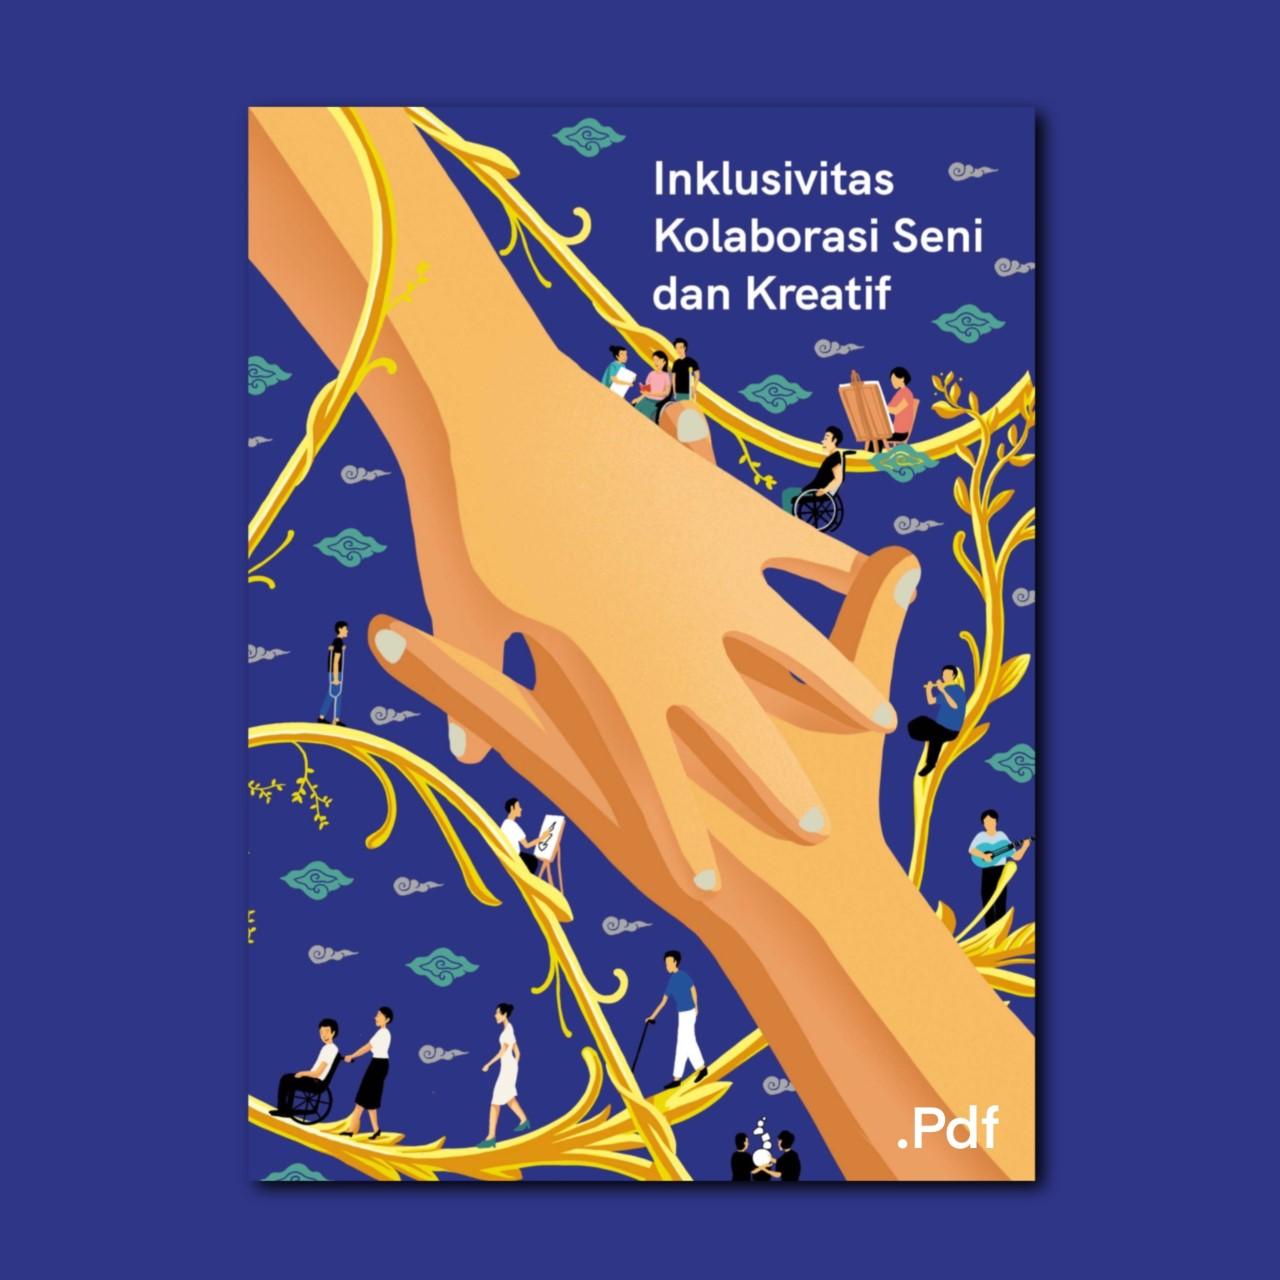 Toolkit: Inklusivitas Kolaborasi Seni Kreatif- PDF